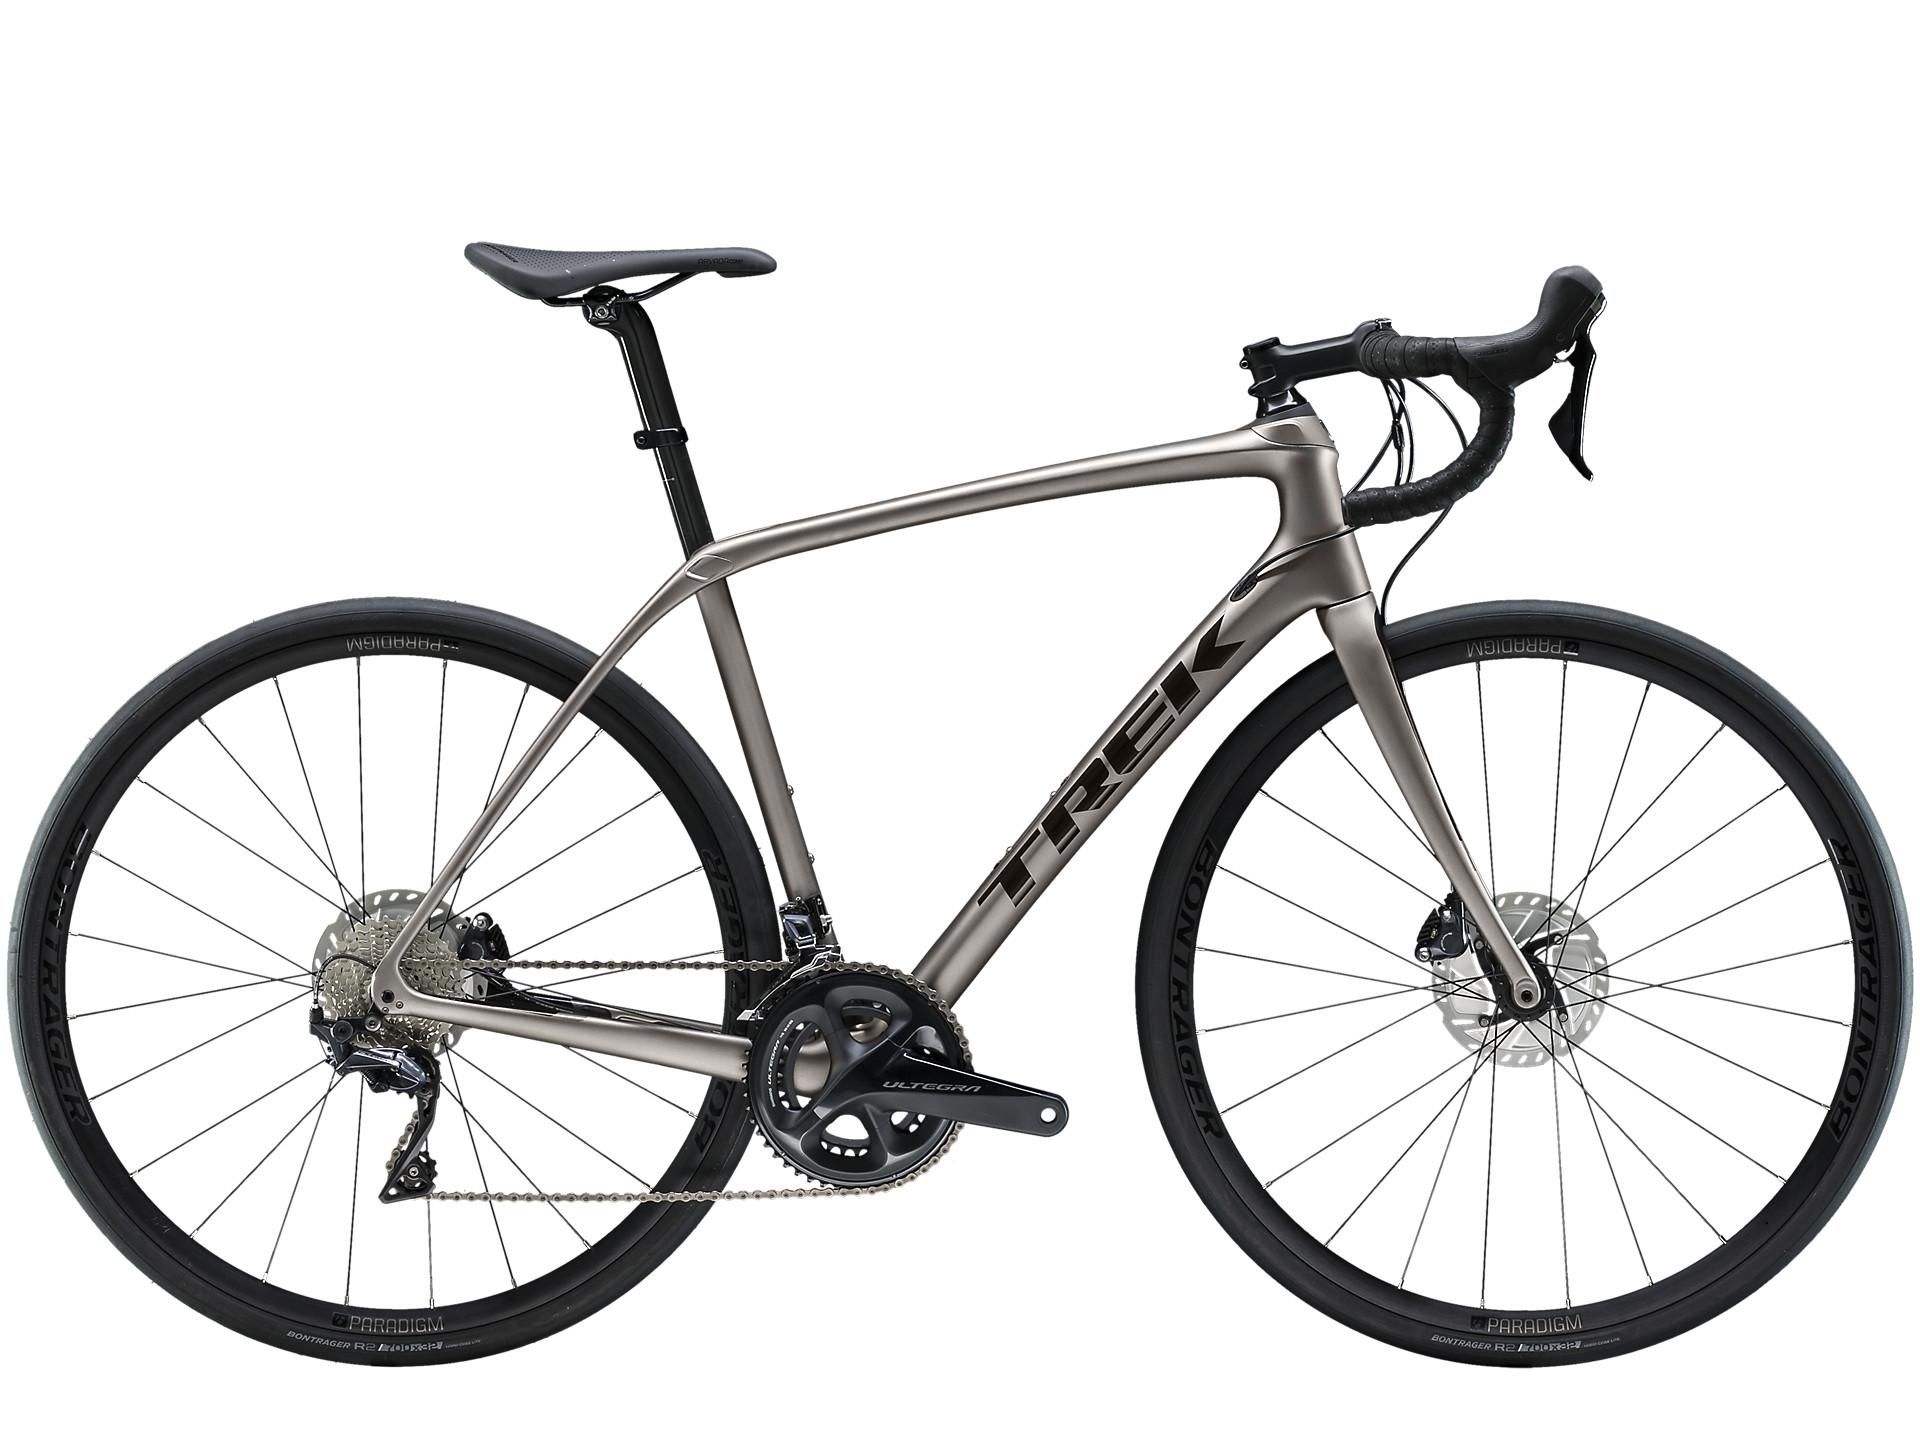 cdd8aa0d3f0 Domane SL 5 Disc | Trek Bikes (GB)